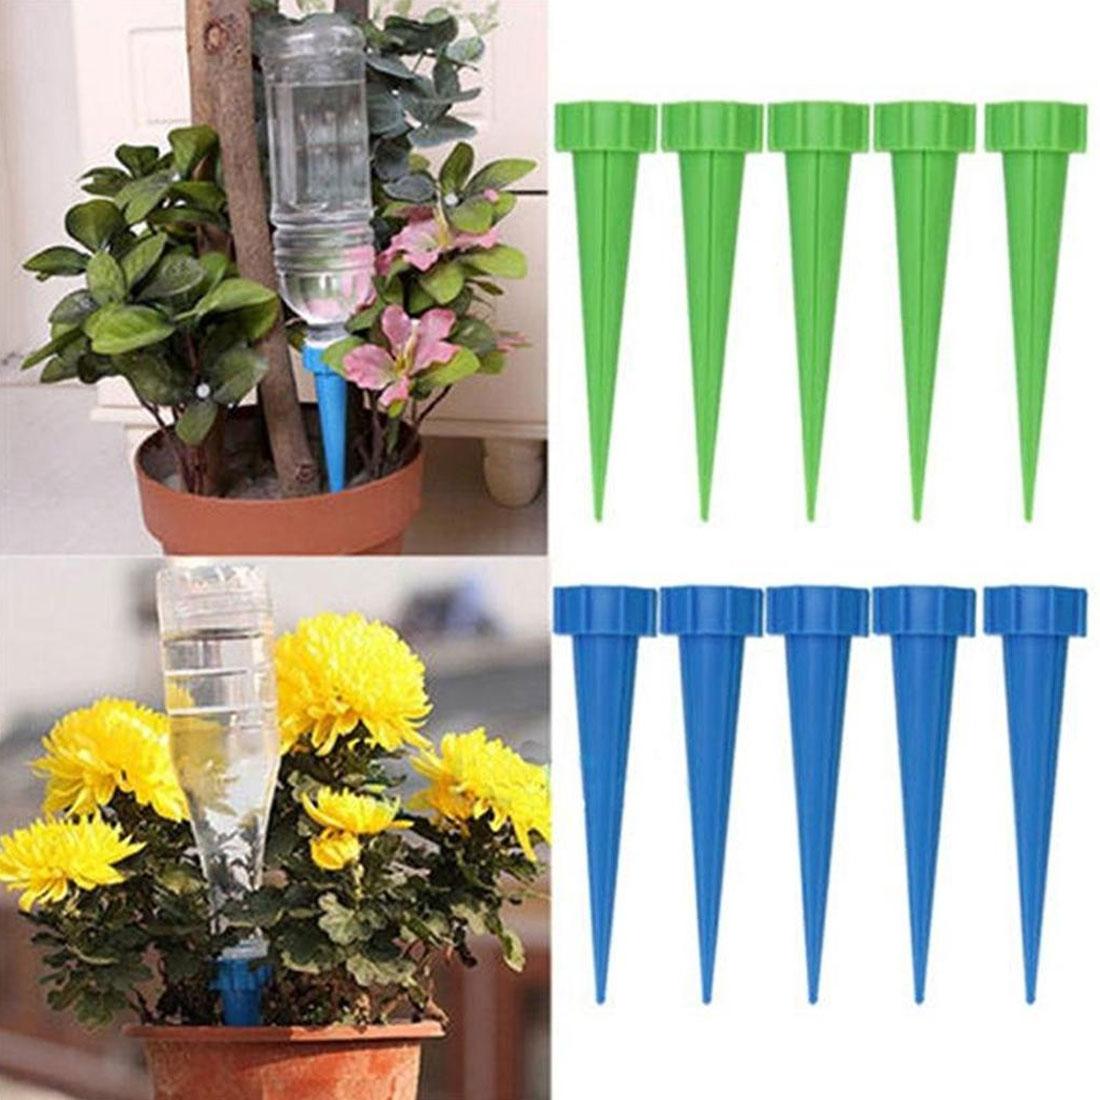 Rispettoso Automatico Garden Cono Spike Watering Sprinkler Per Le Piante Vaso Di Fiori Bottiglia Di Irrigazione Dispositivo